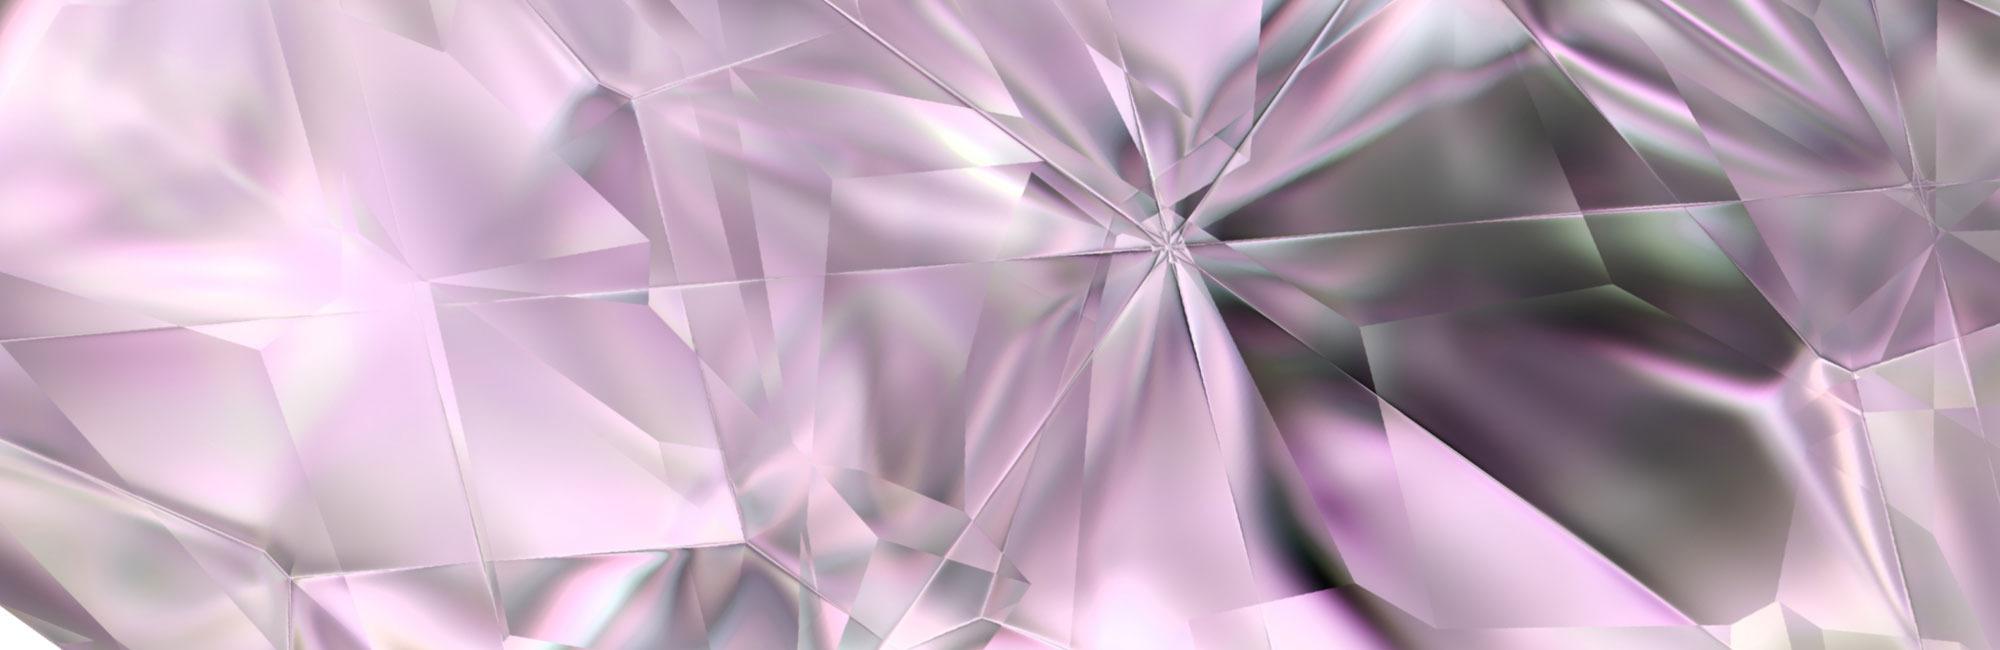 la Conscience Cristal vibre sur la trame subtile de la terre aujourd'hui et anime la conscience humaine et celle du vivant -Cristal Vibrasons